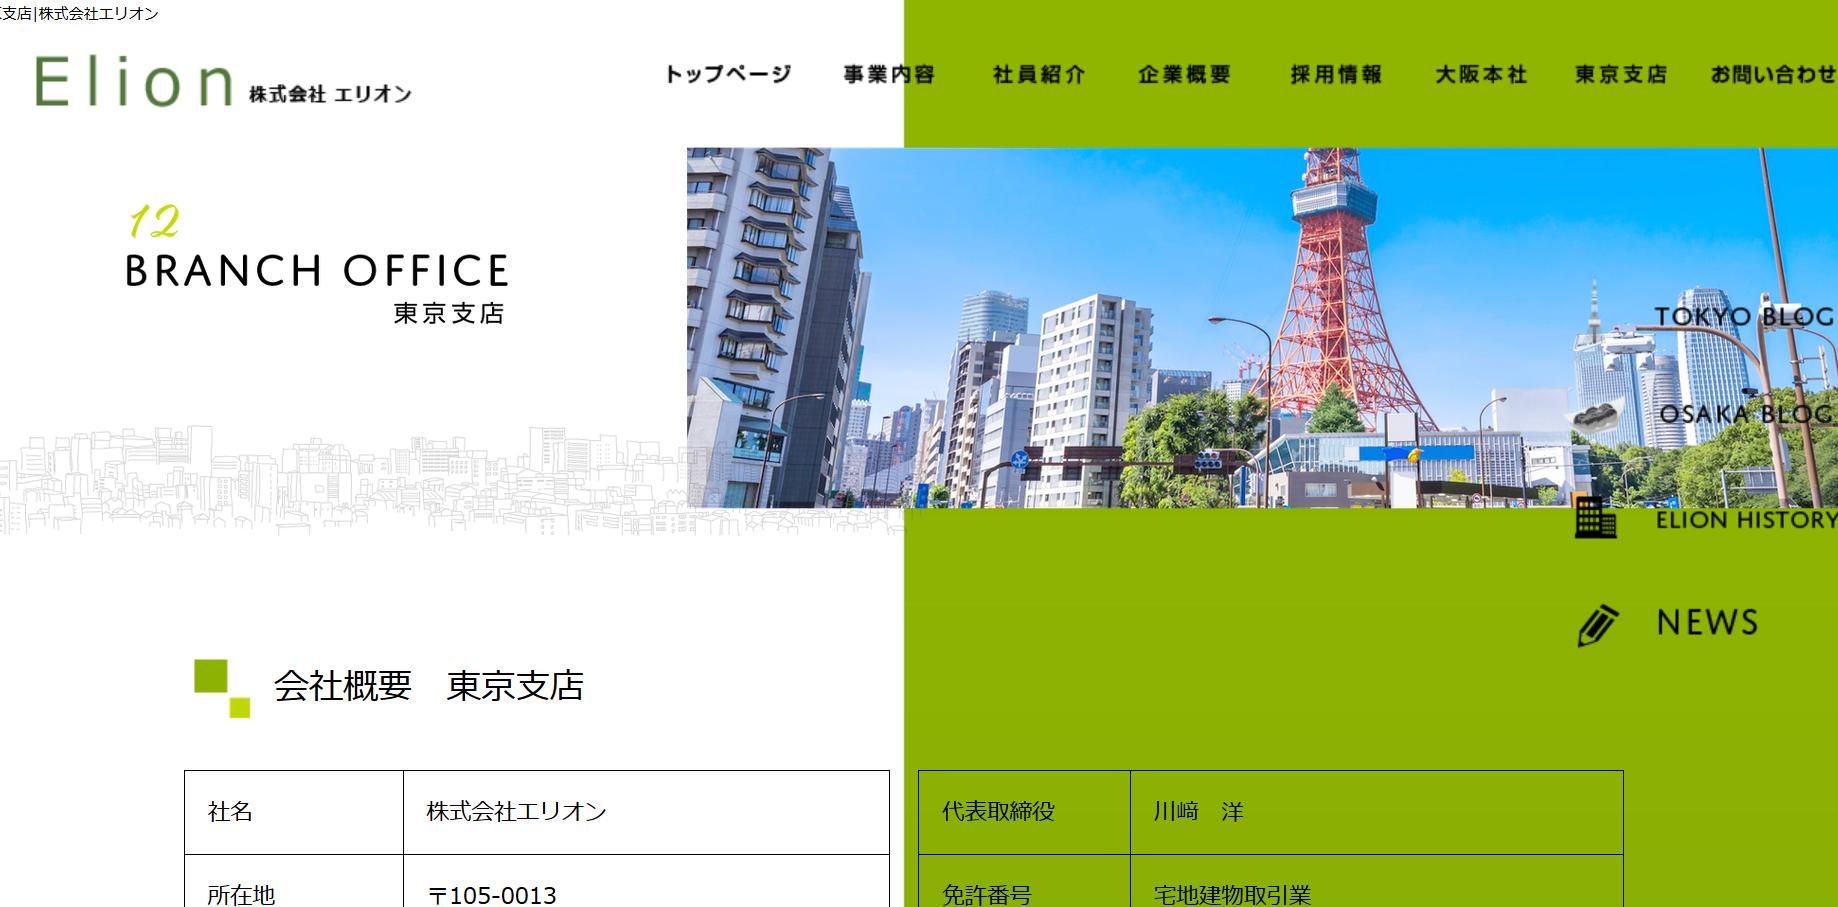 エリオン 東京支店